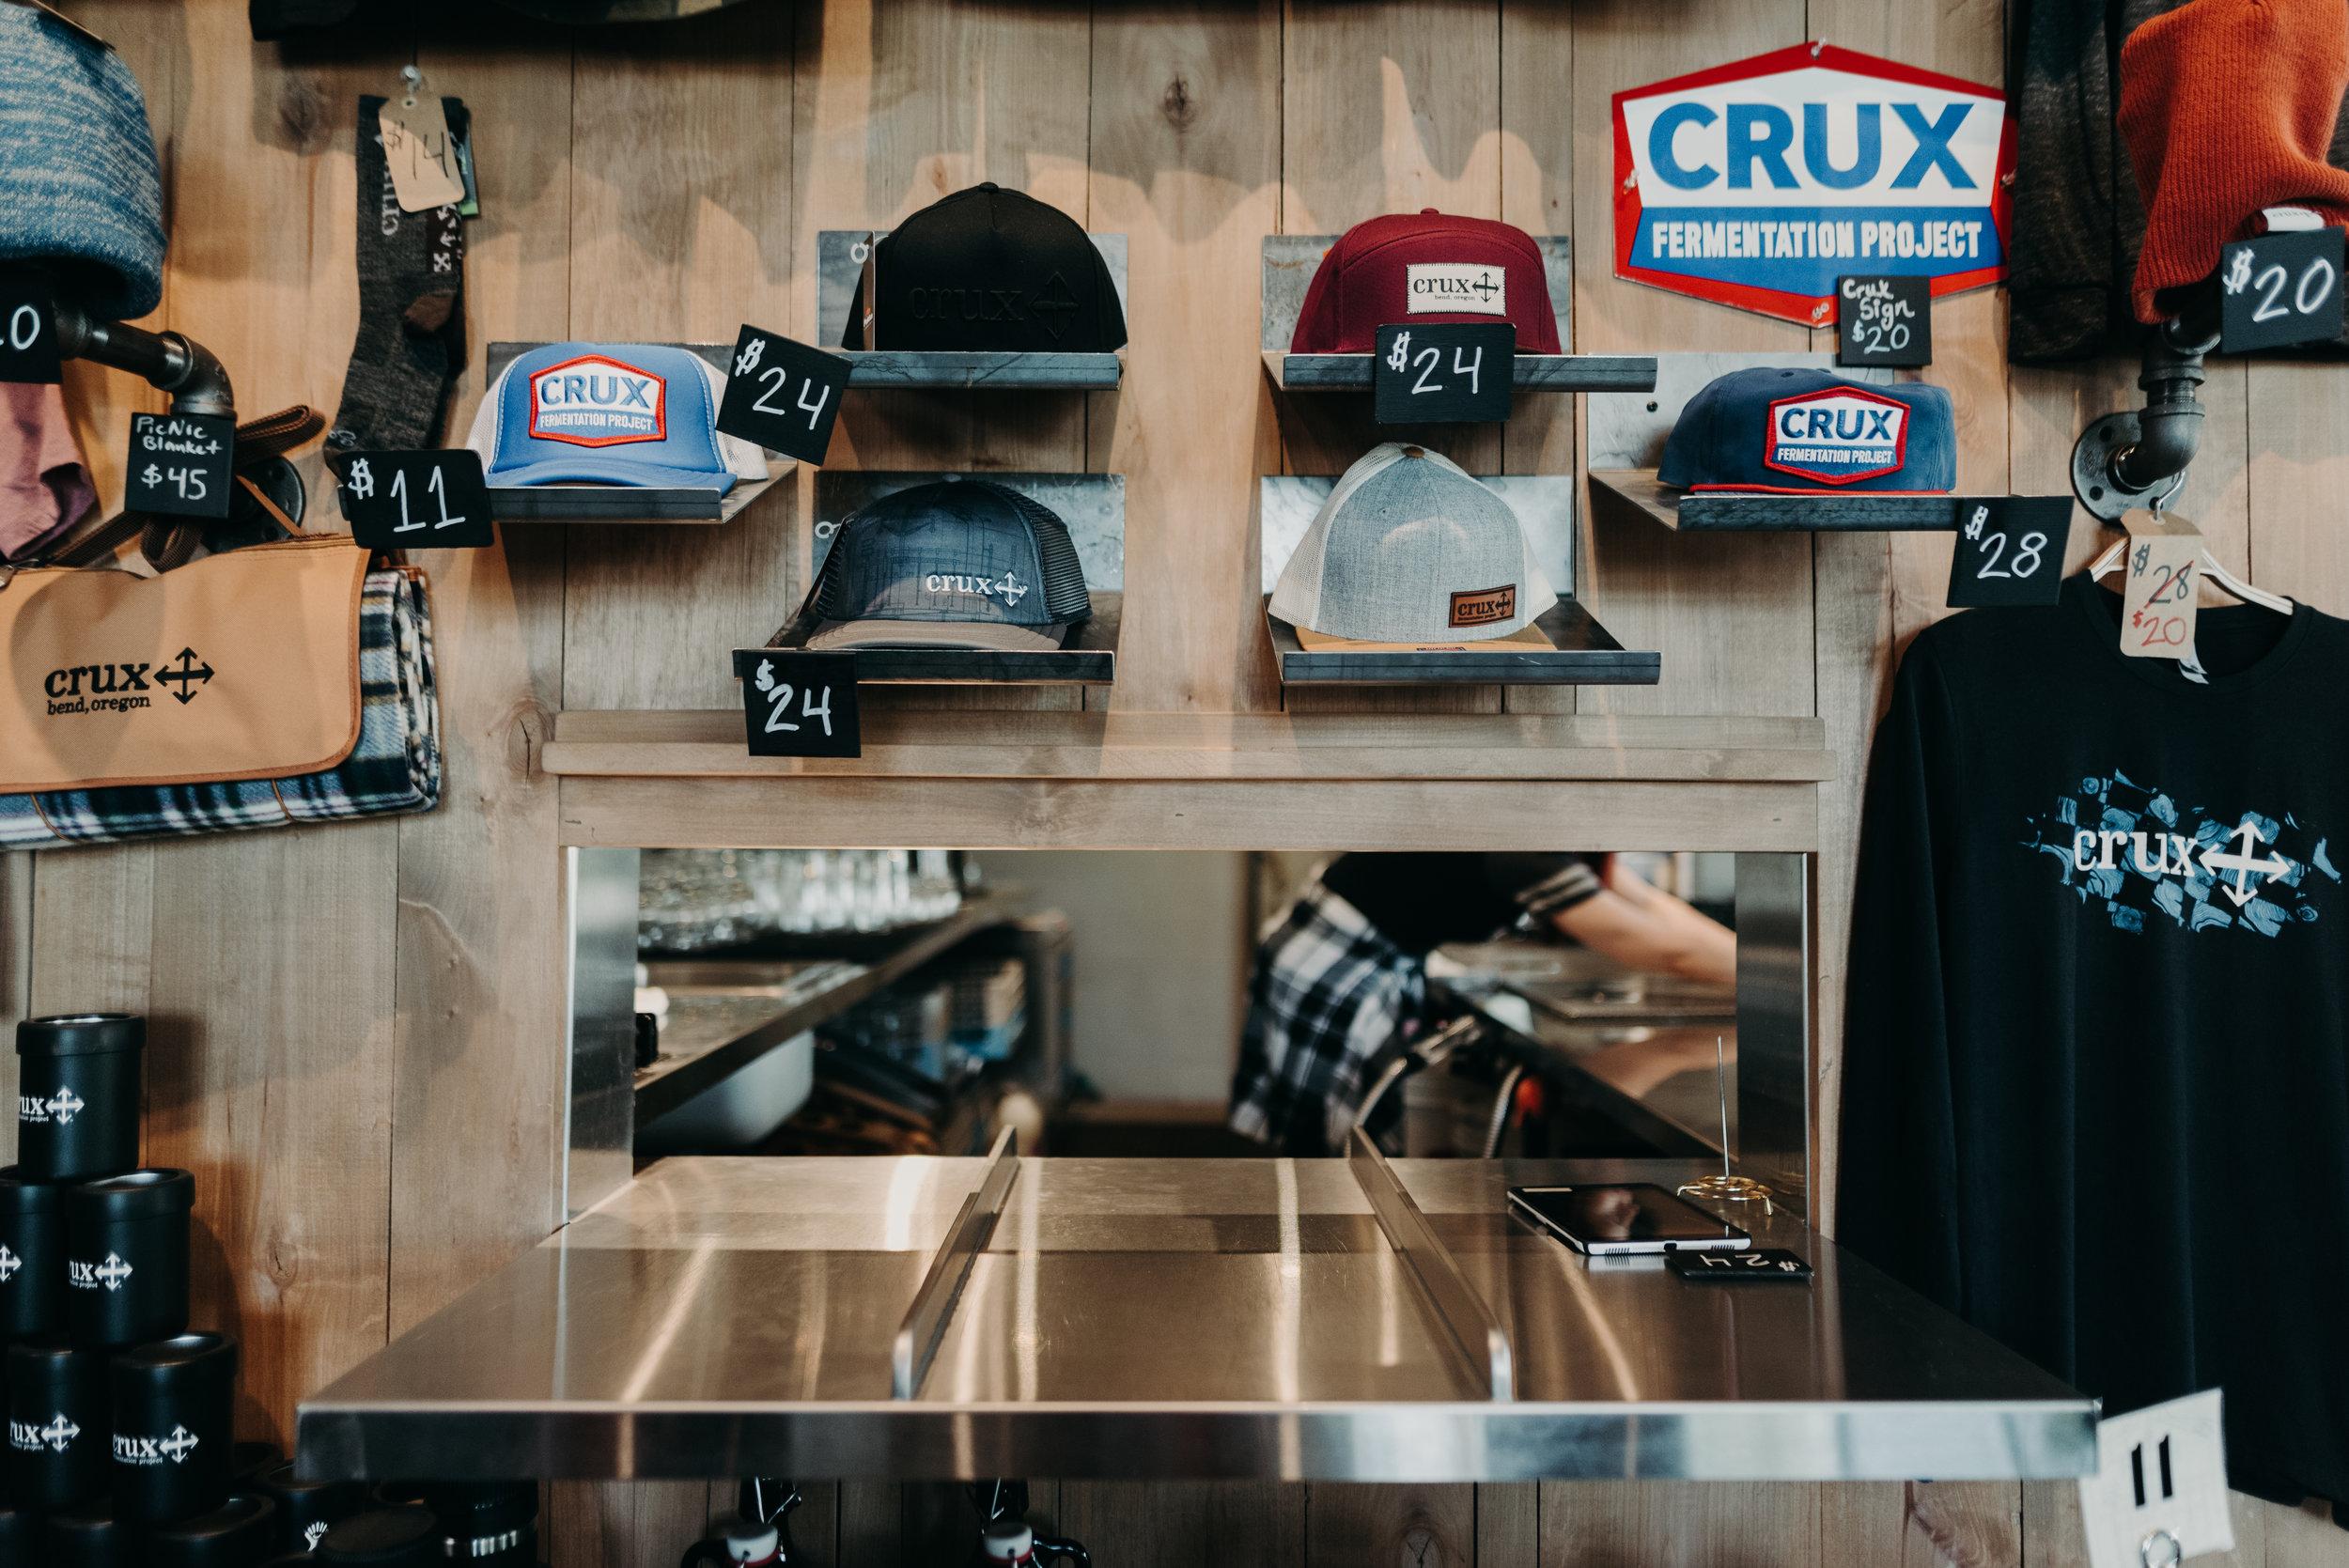 Crux Fermentation